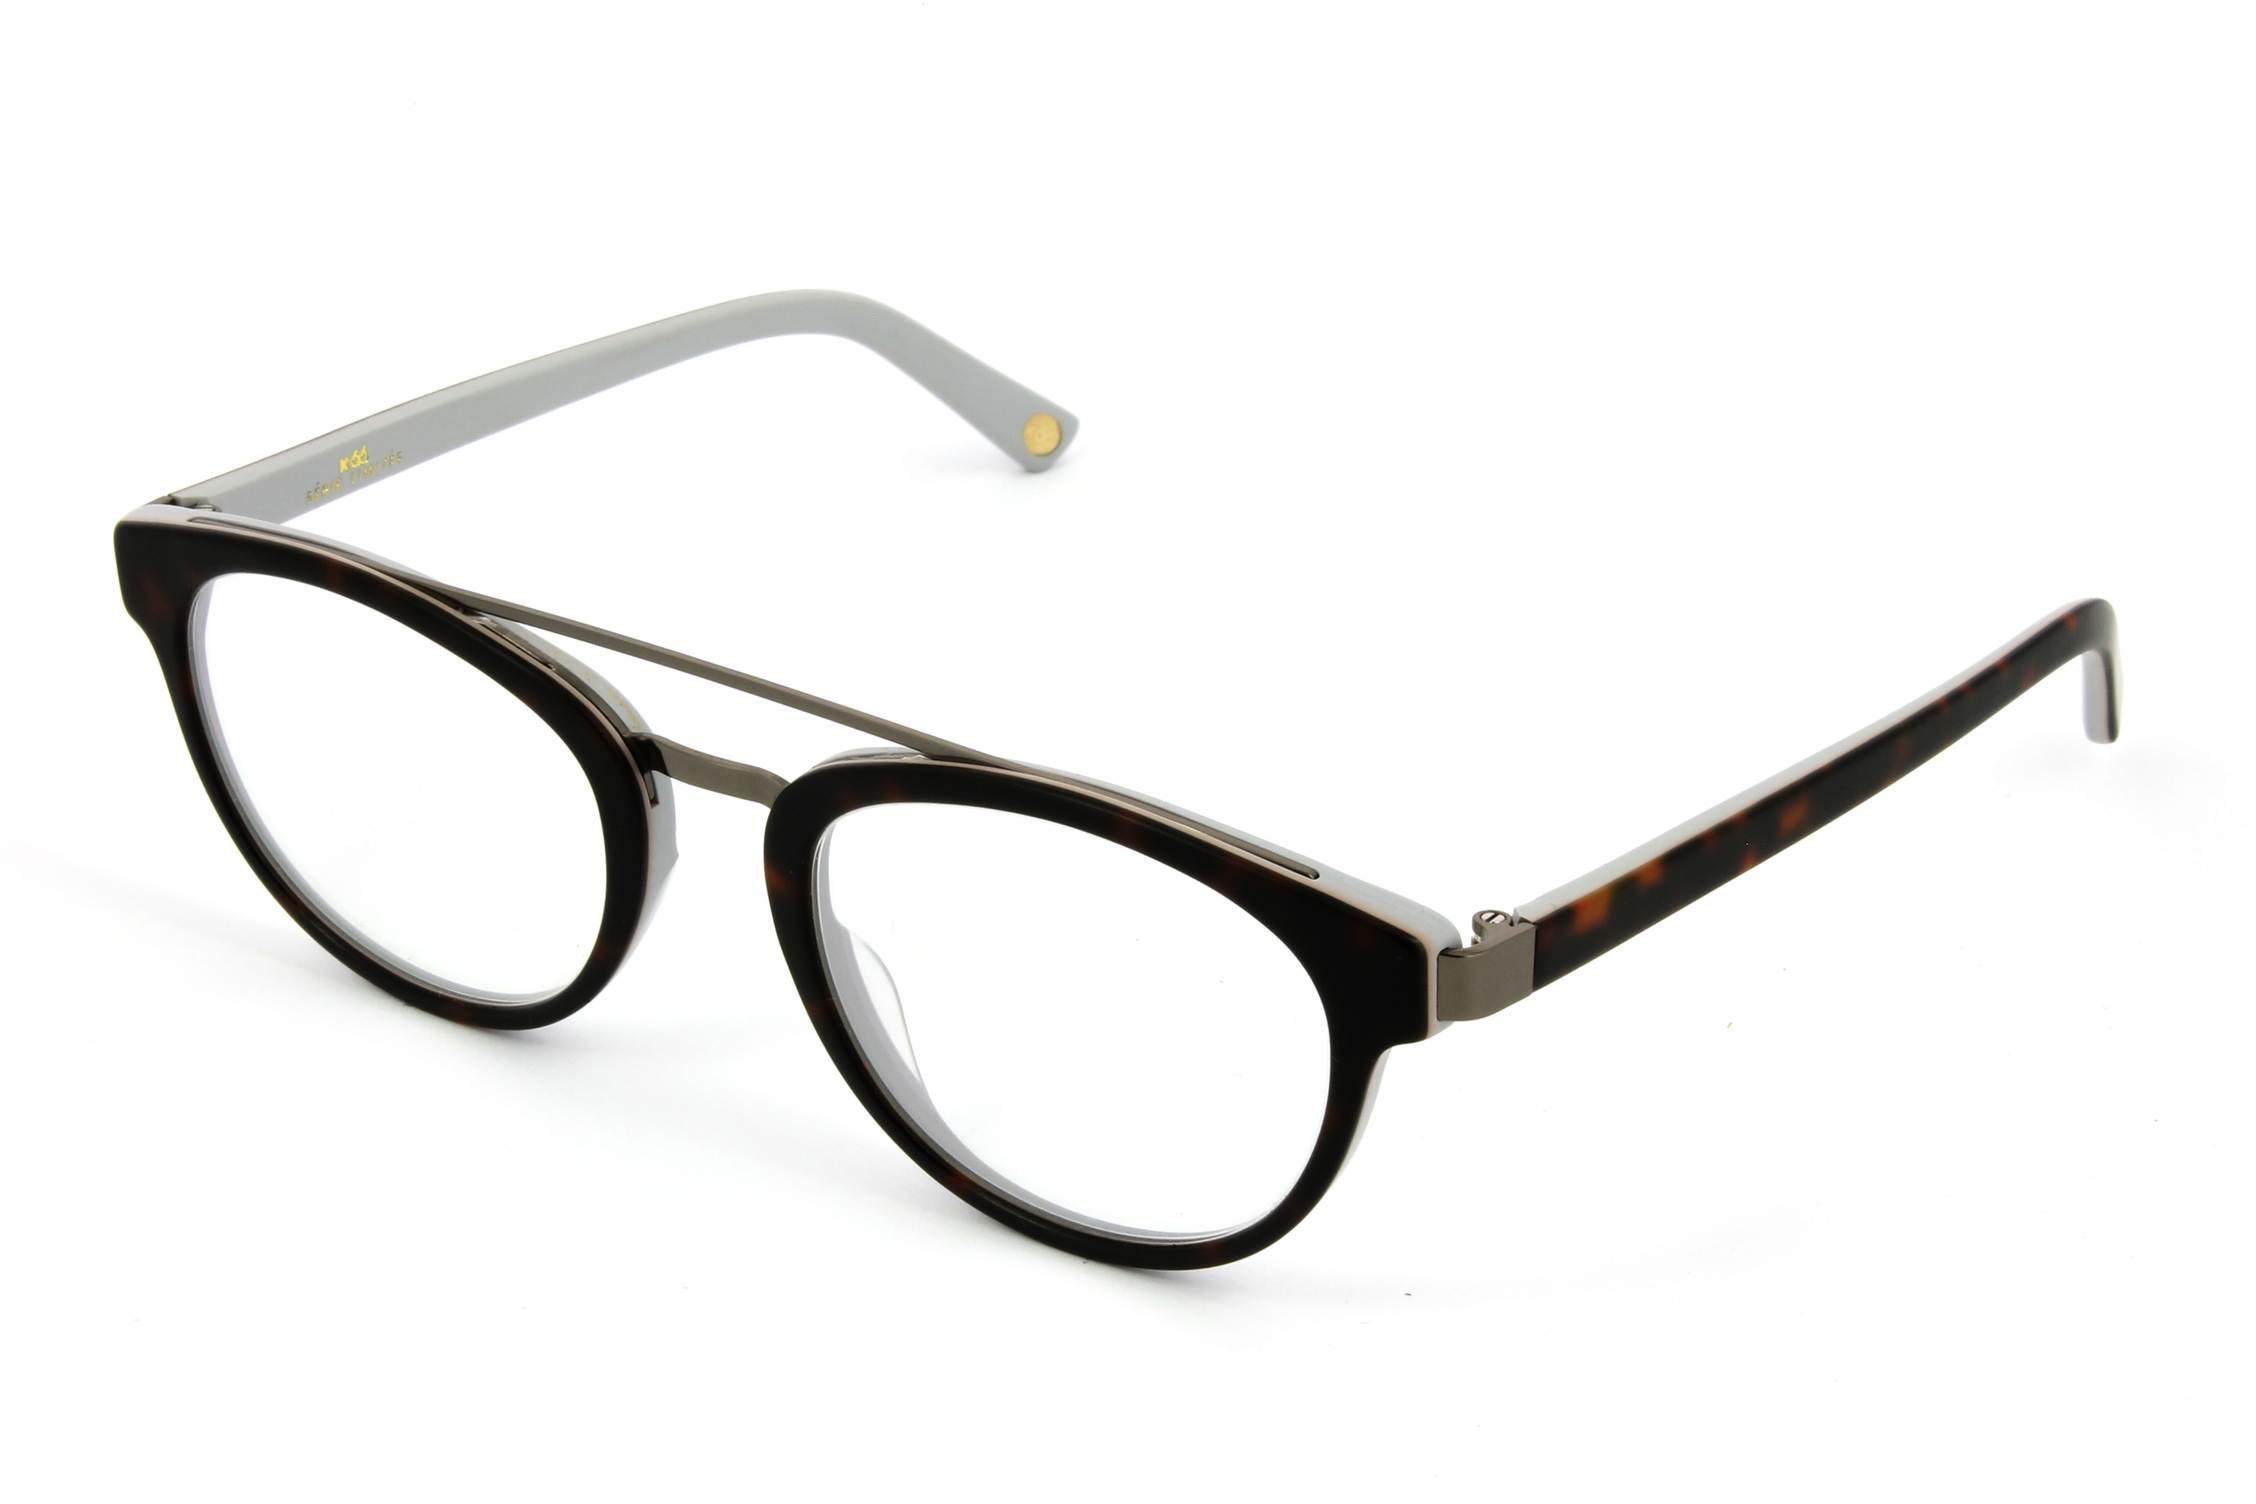 ma paire de lunettes m offre un look chic. Black Bedroom Furniture Sets. Home Design Ideas